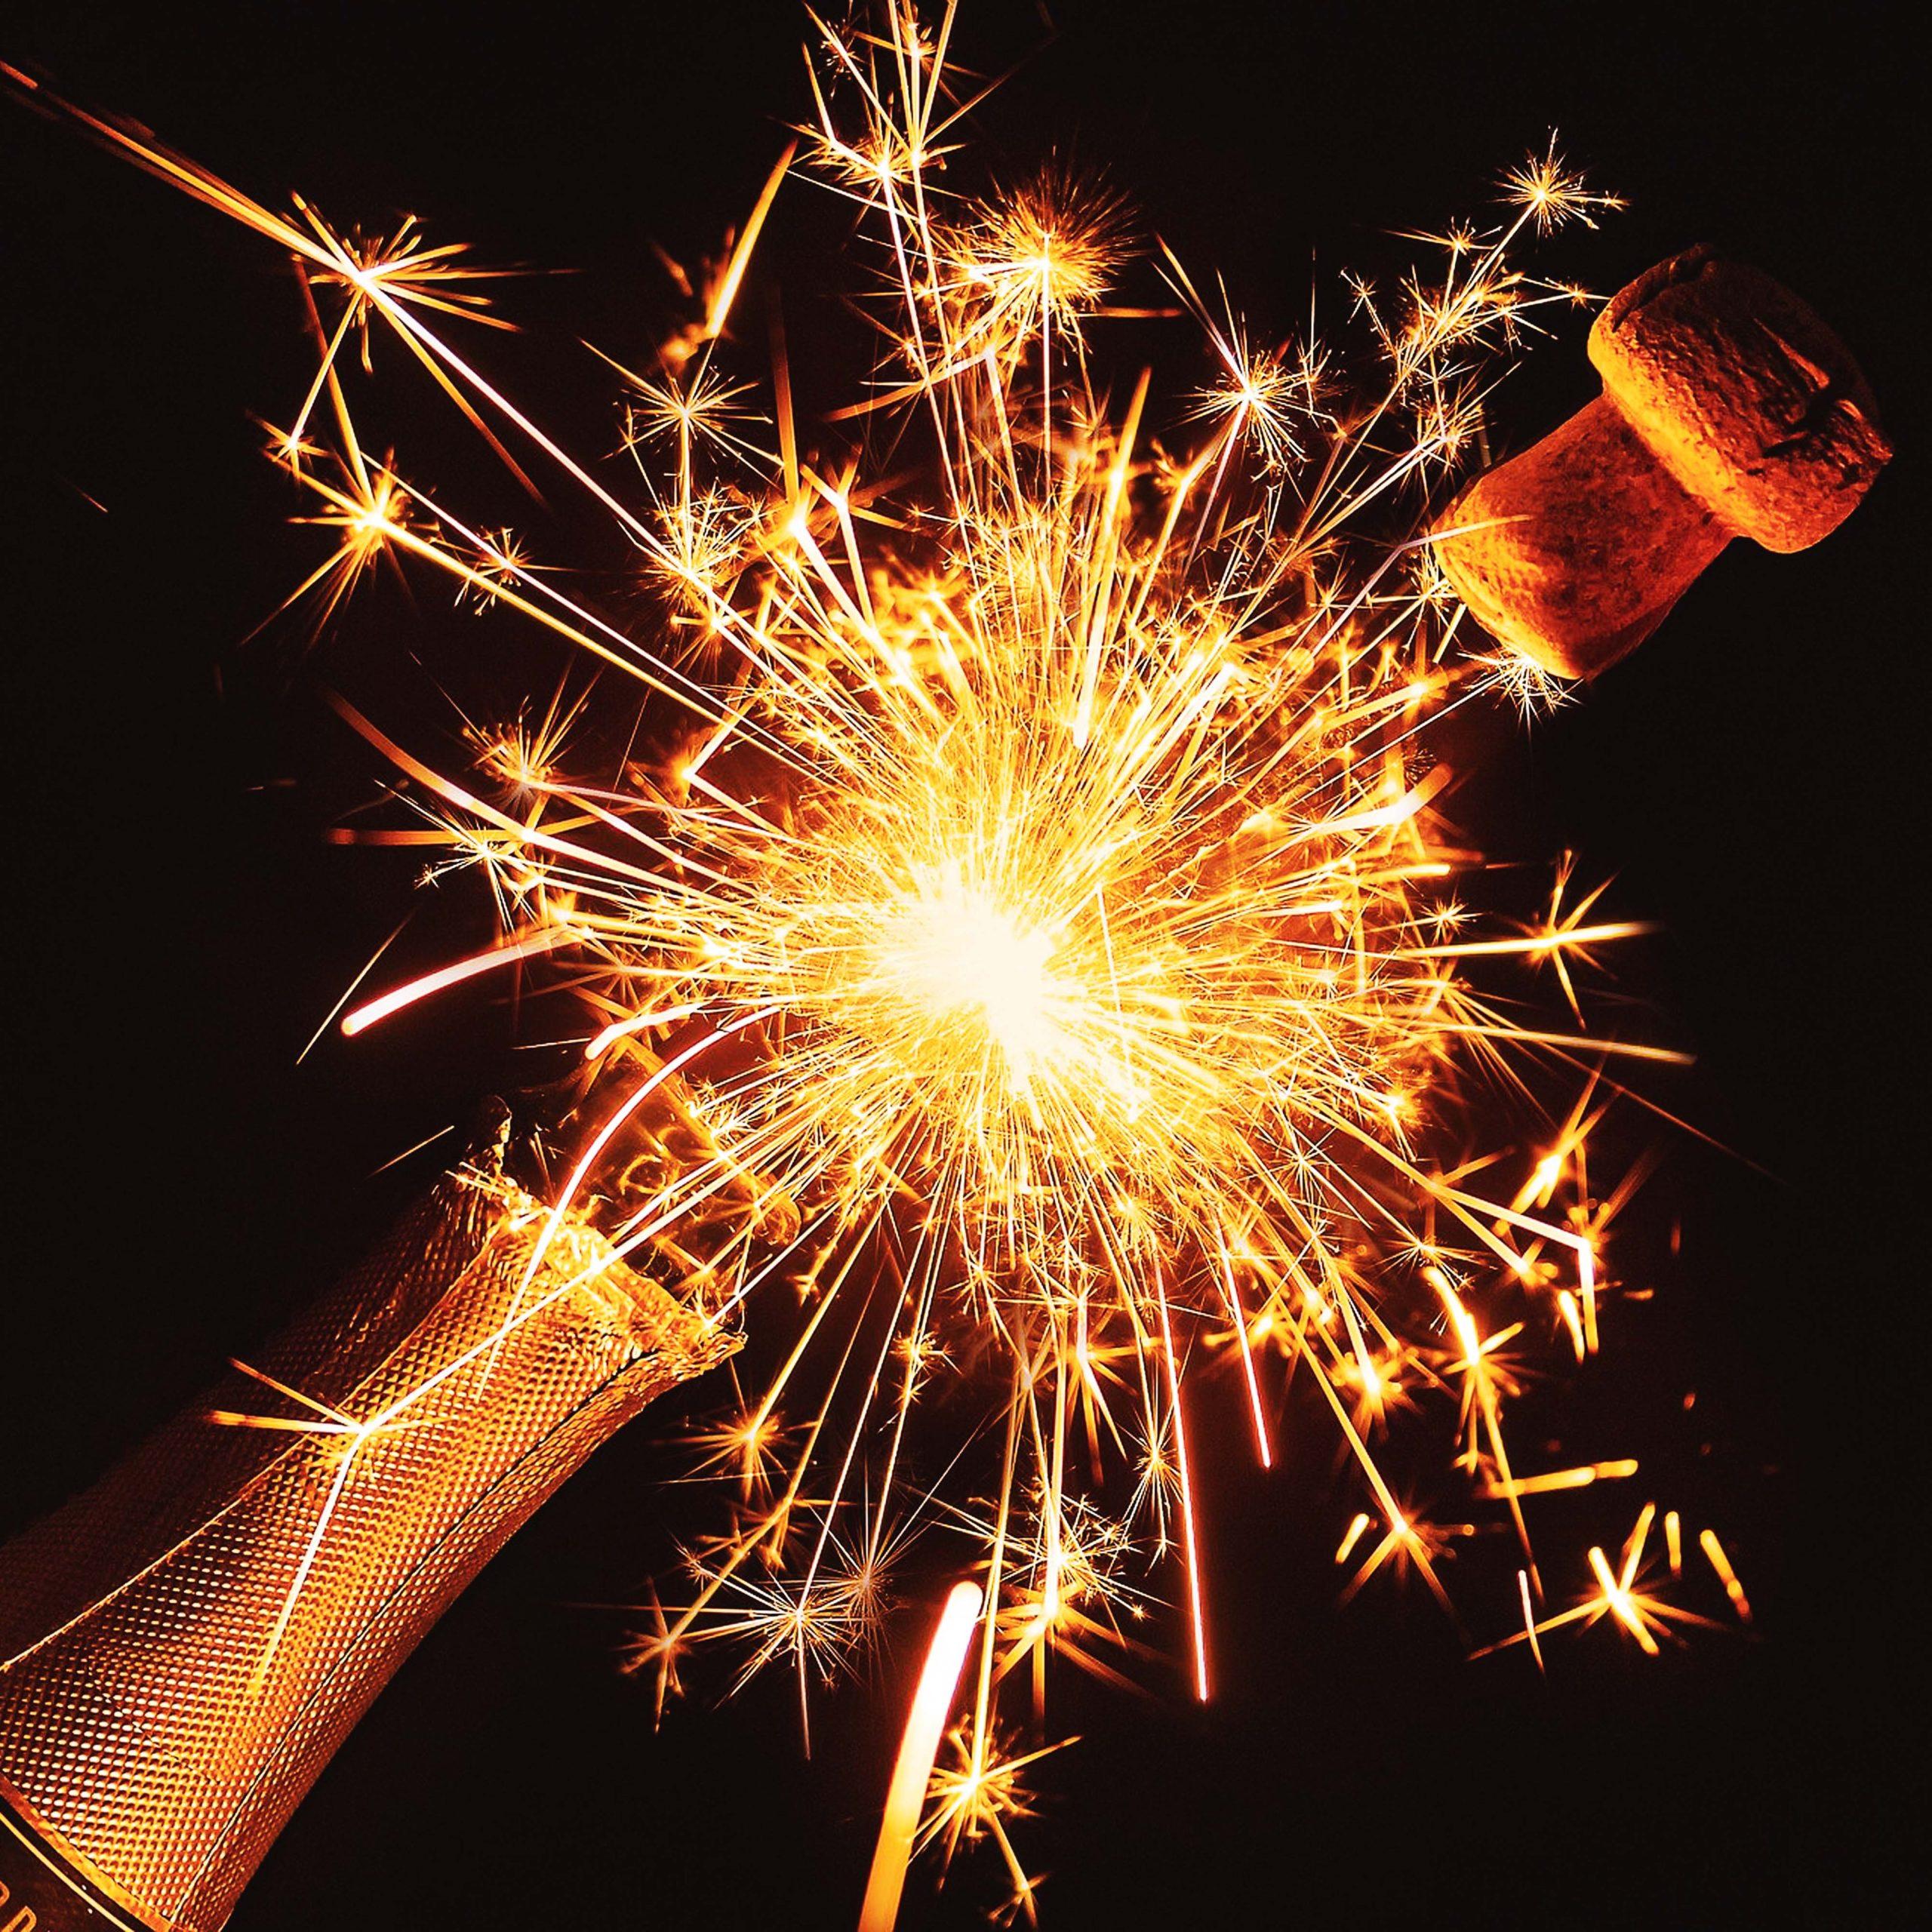 Nowy Rok w górach - Sylwester 2022 - RyterSKI - Impreza - bal sylwestrowy - zabawa - tańce w górach - 1